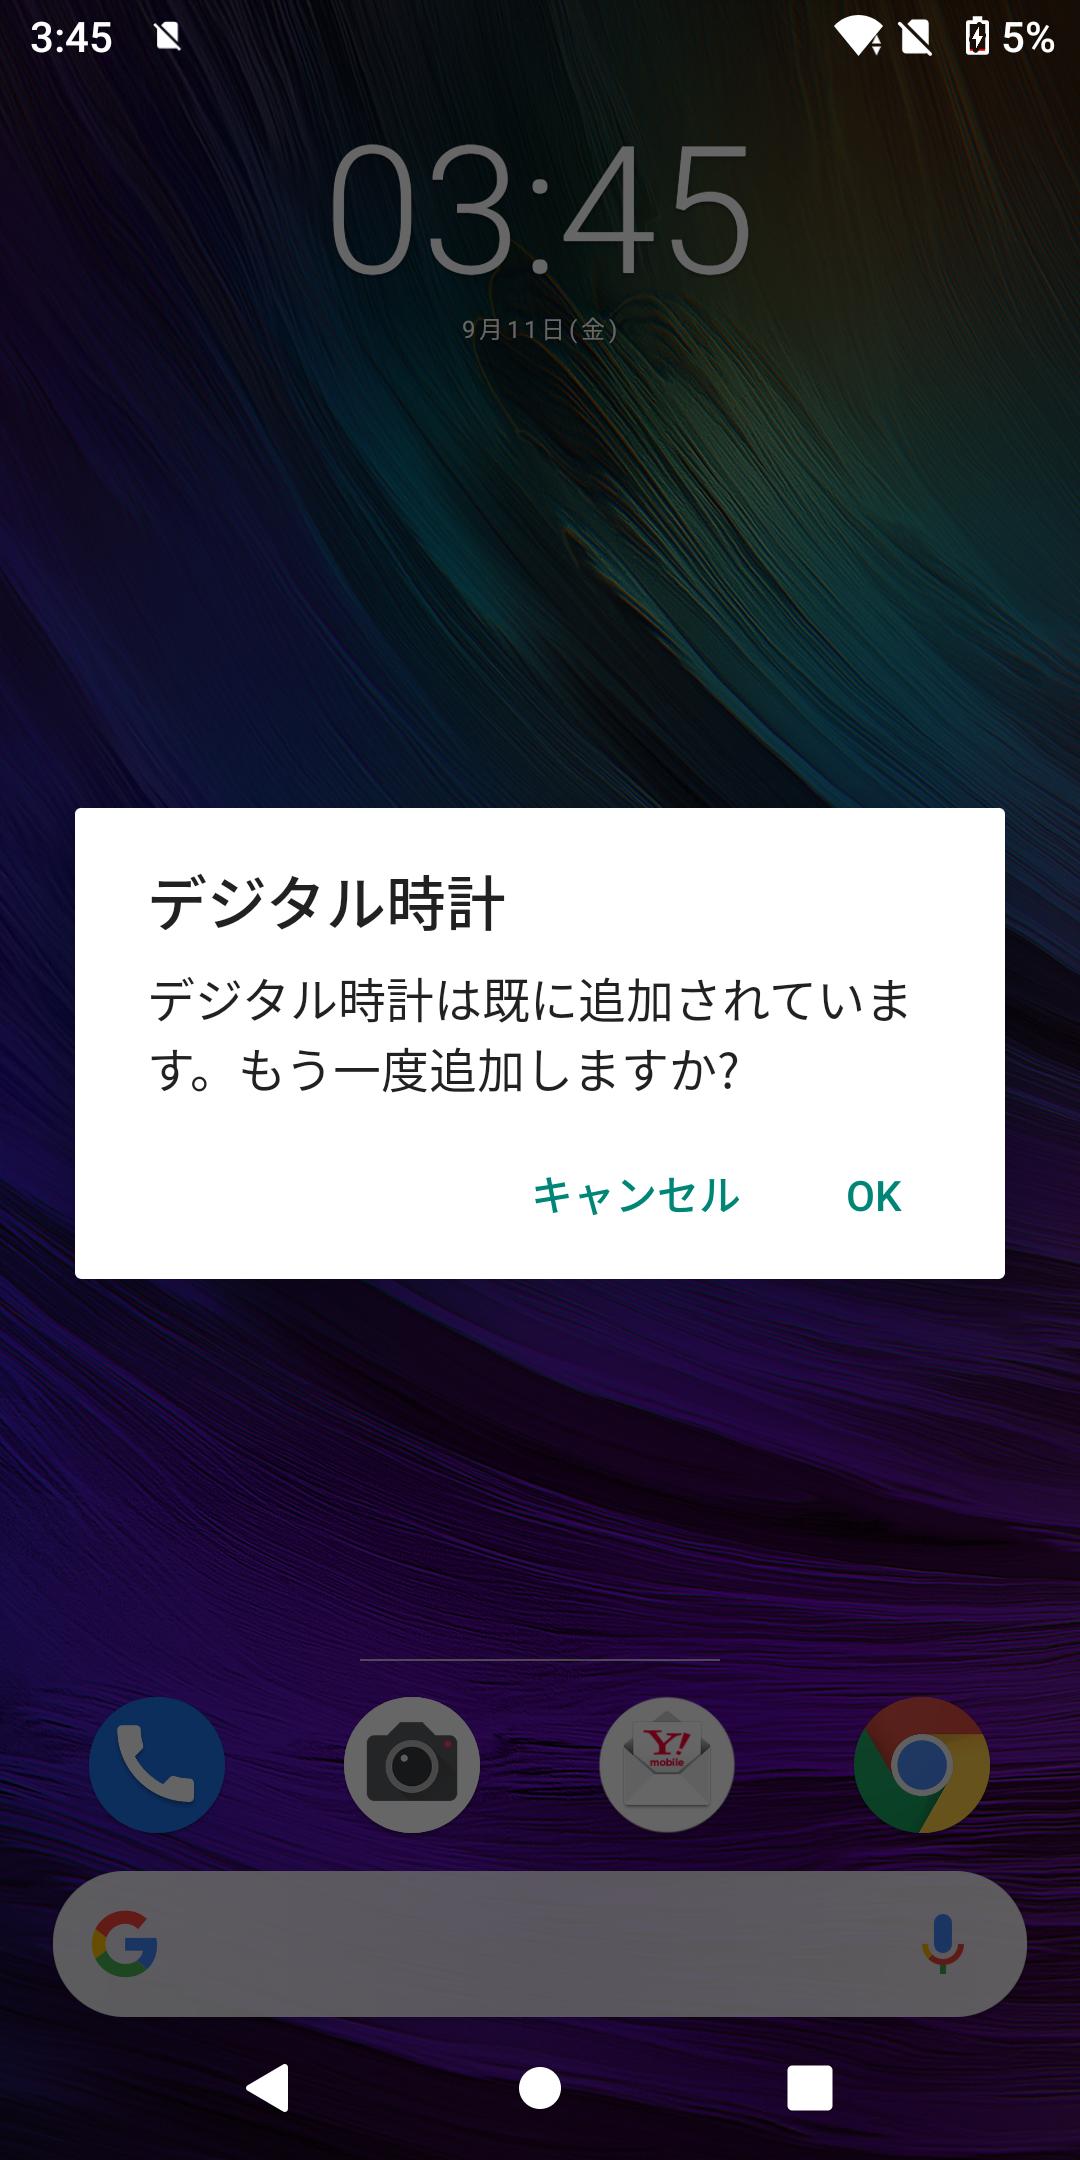 f:id:Azusa_Hirano:20200911035329p:plain